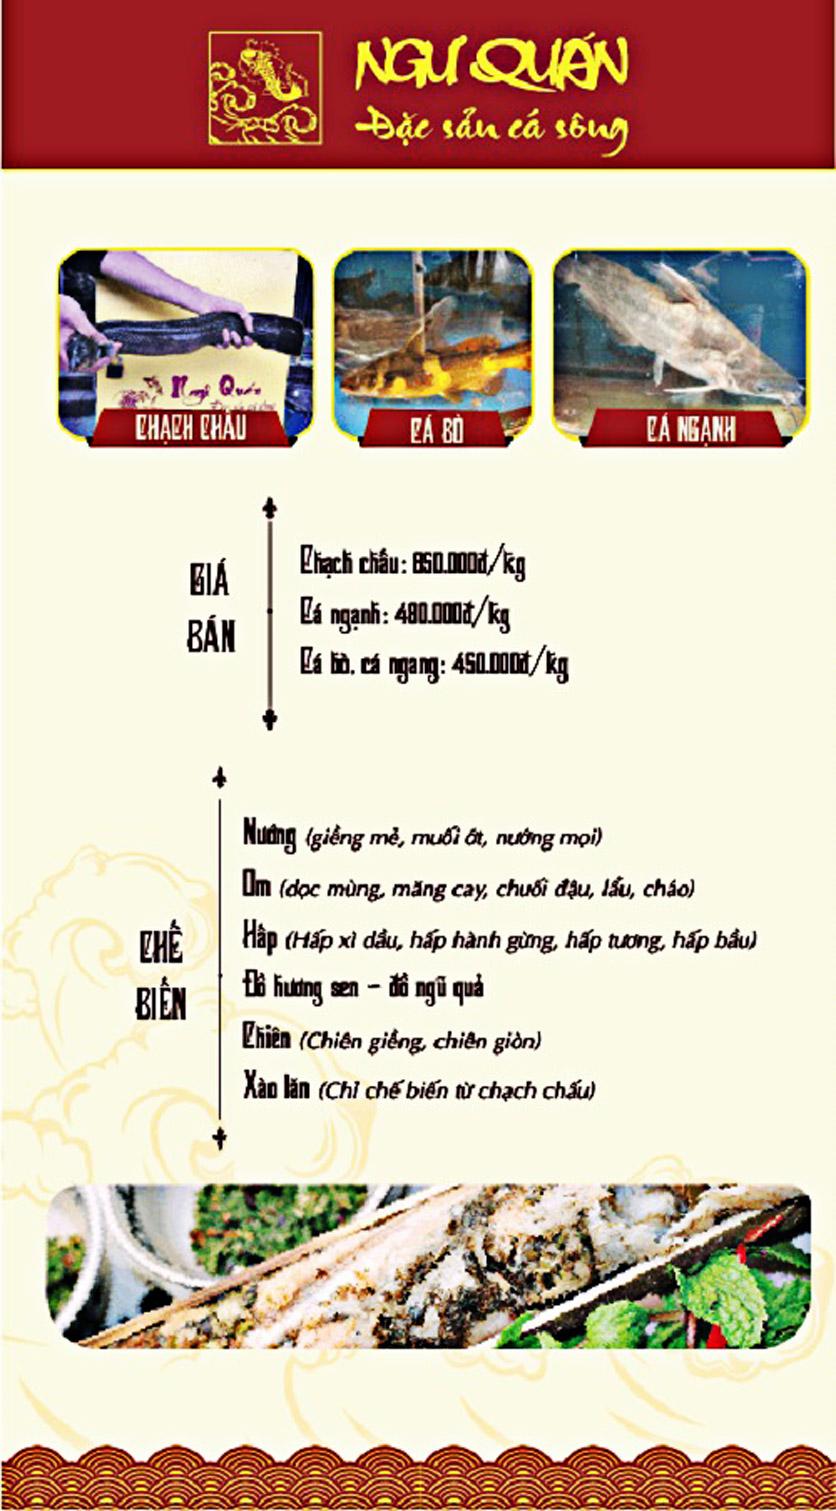 Menu Ngư Quán - Đặc Sản Cá Sông - KĐT Dịch Vọng 6